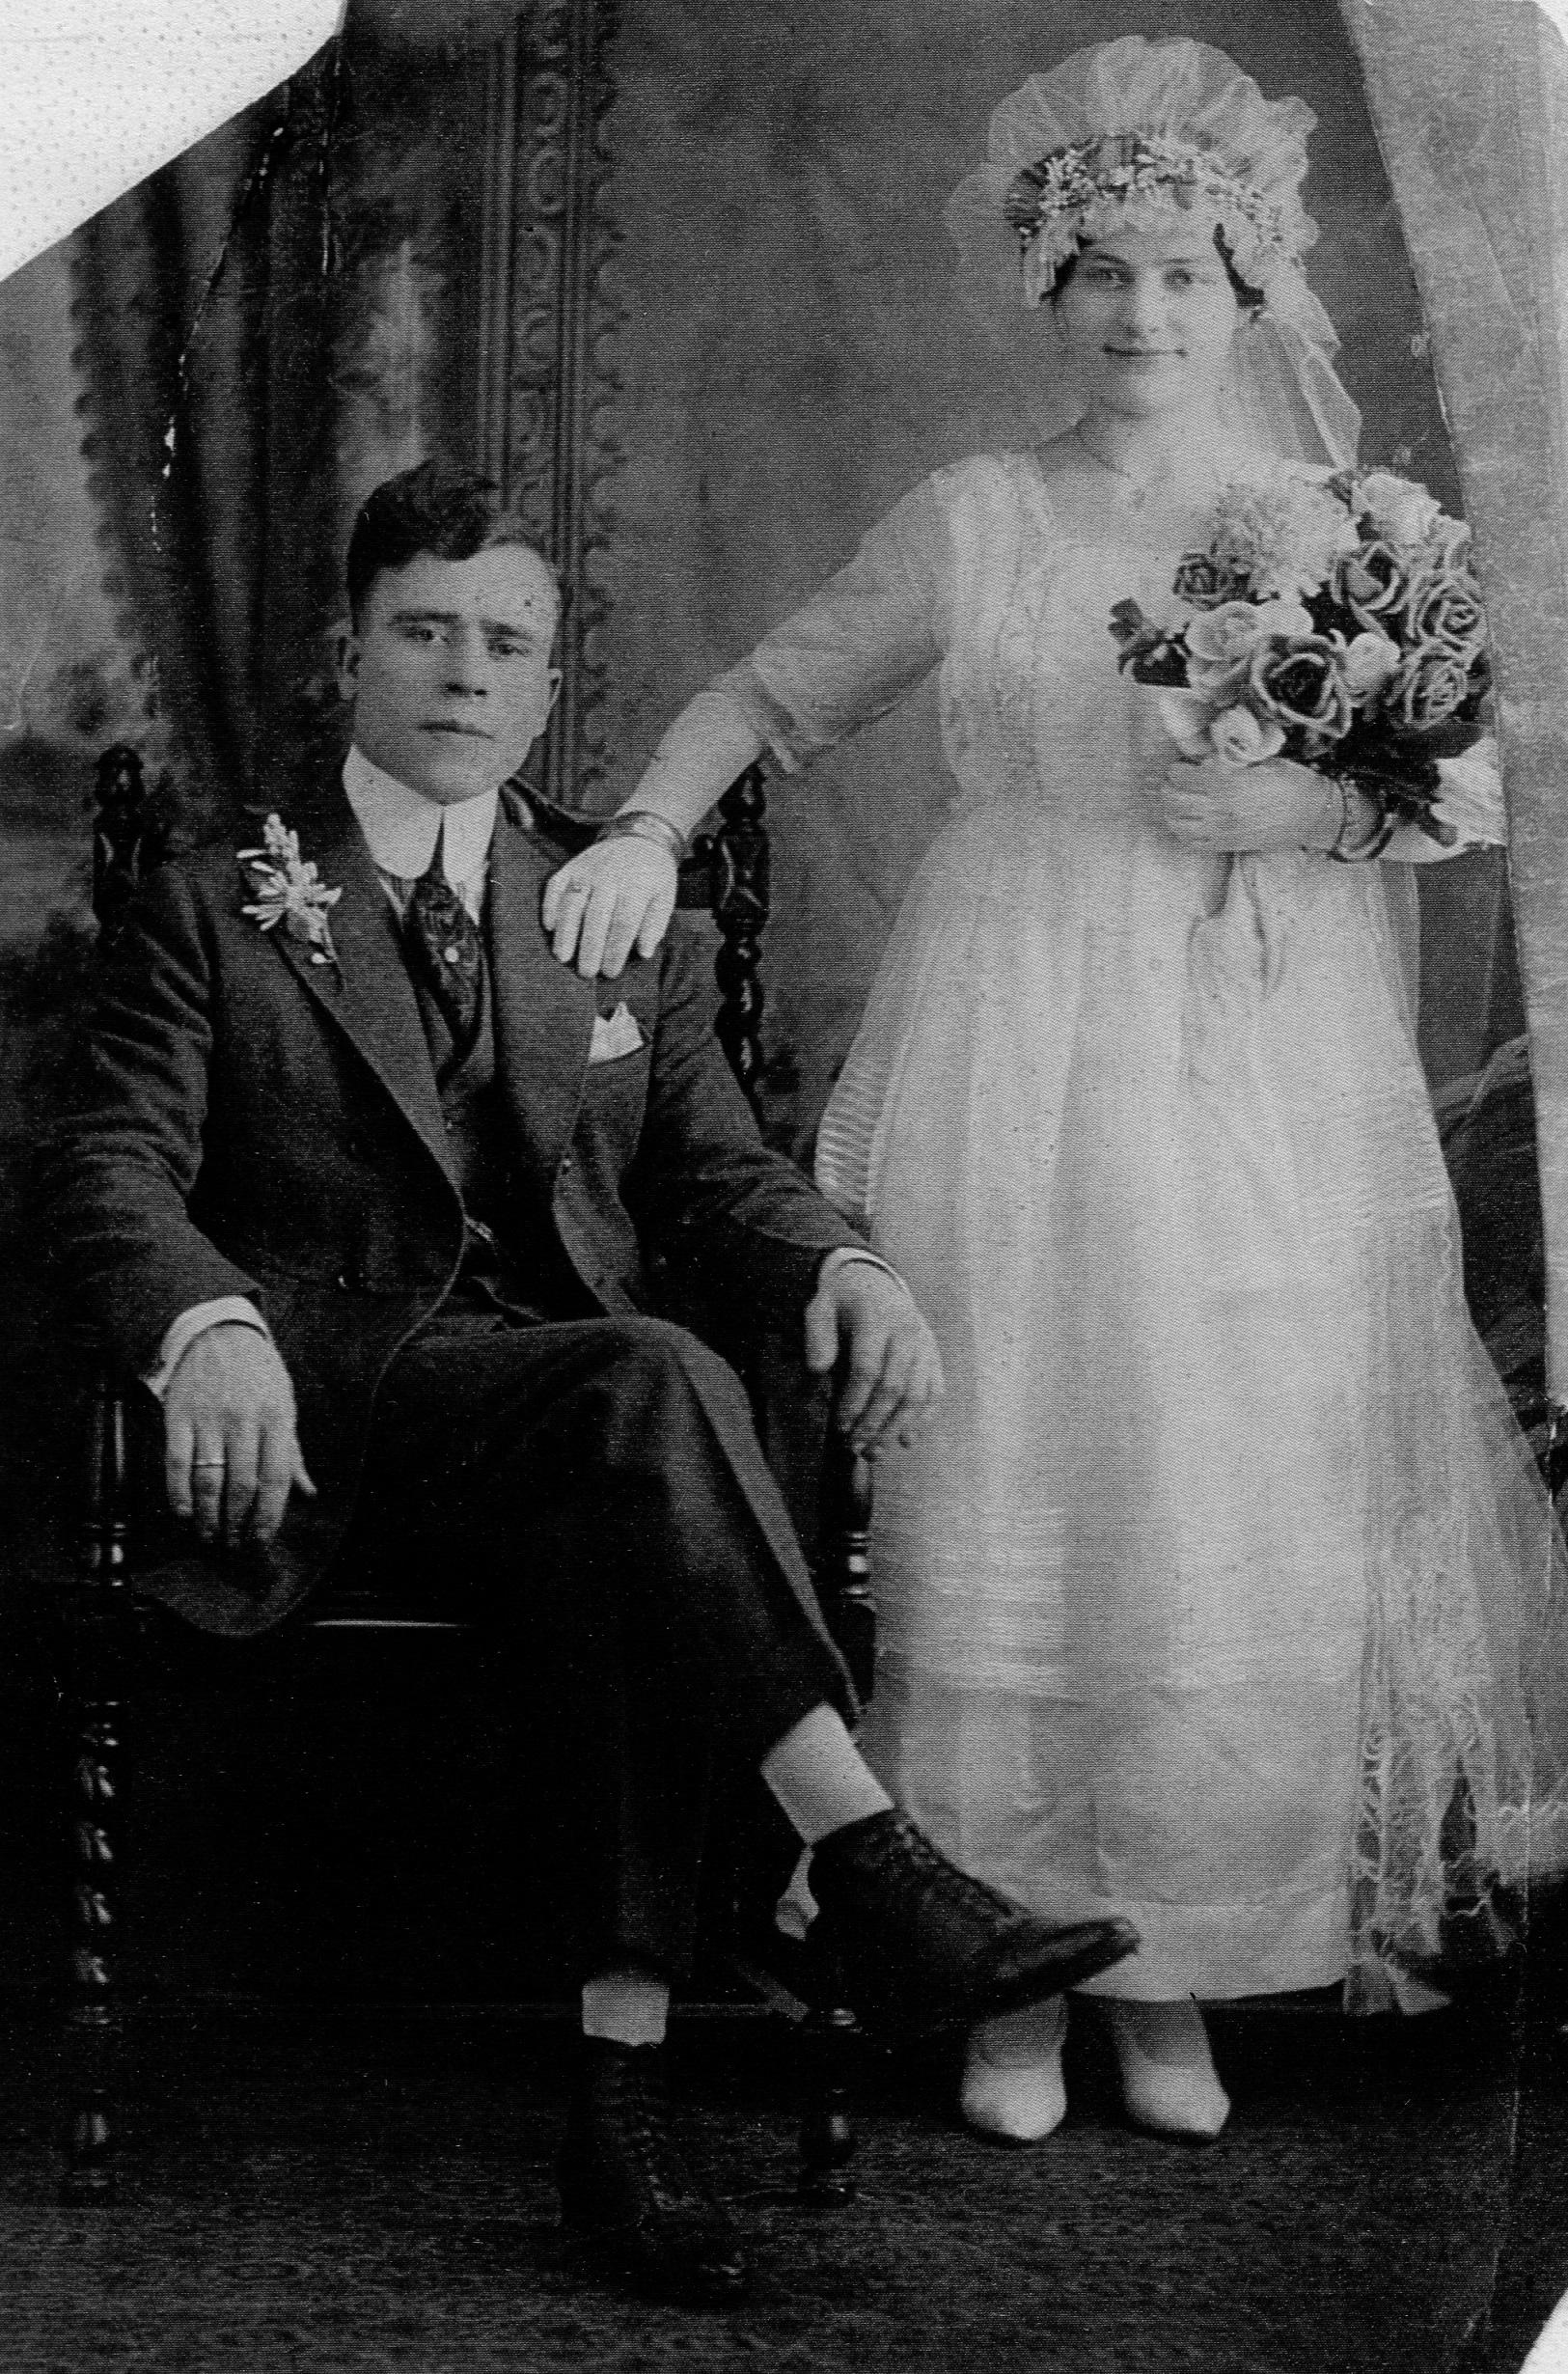 Greek Bride and Groom